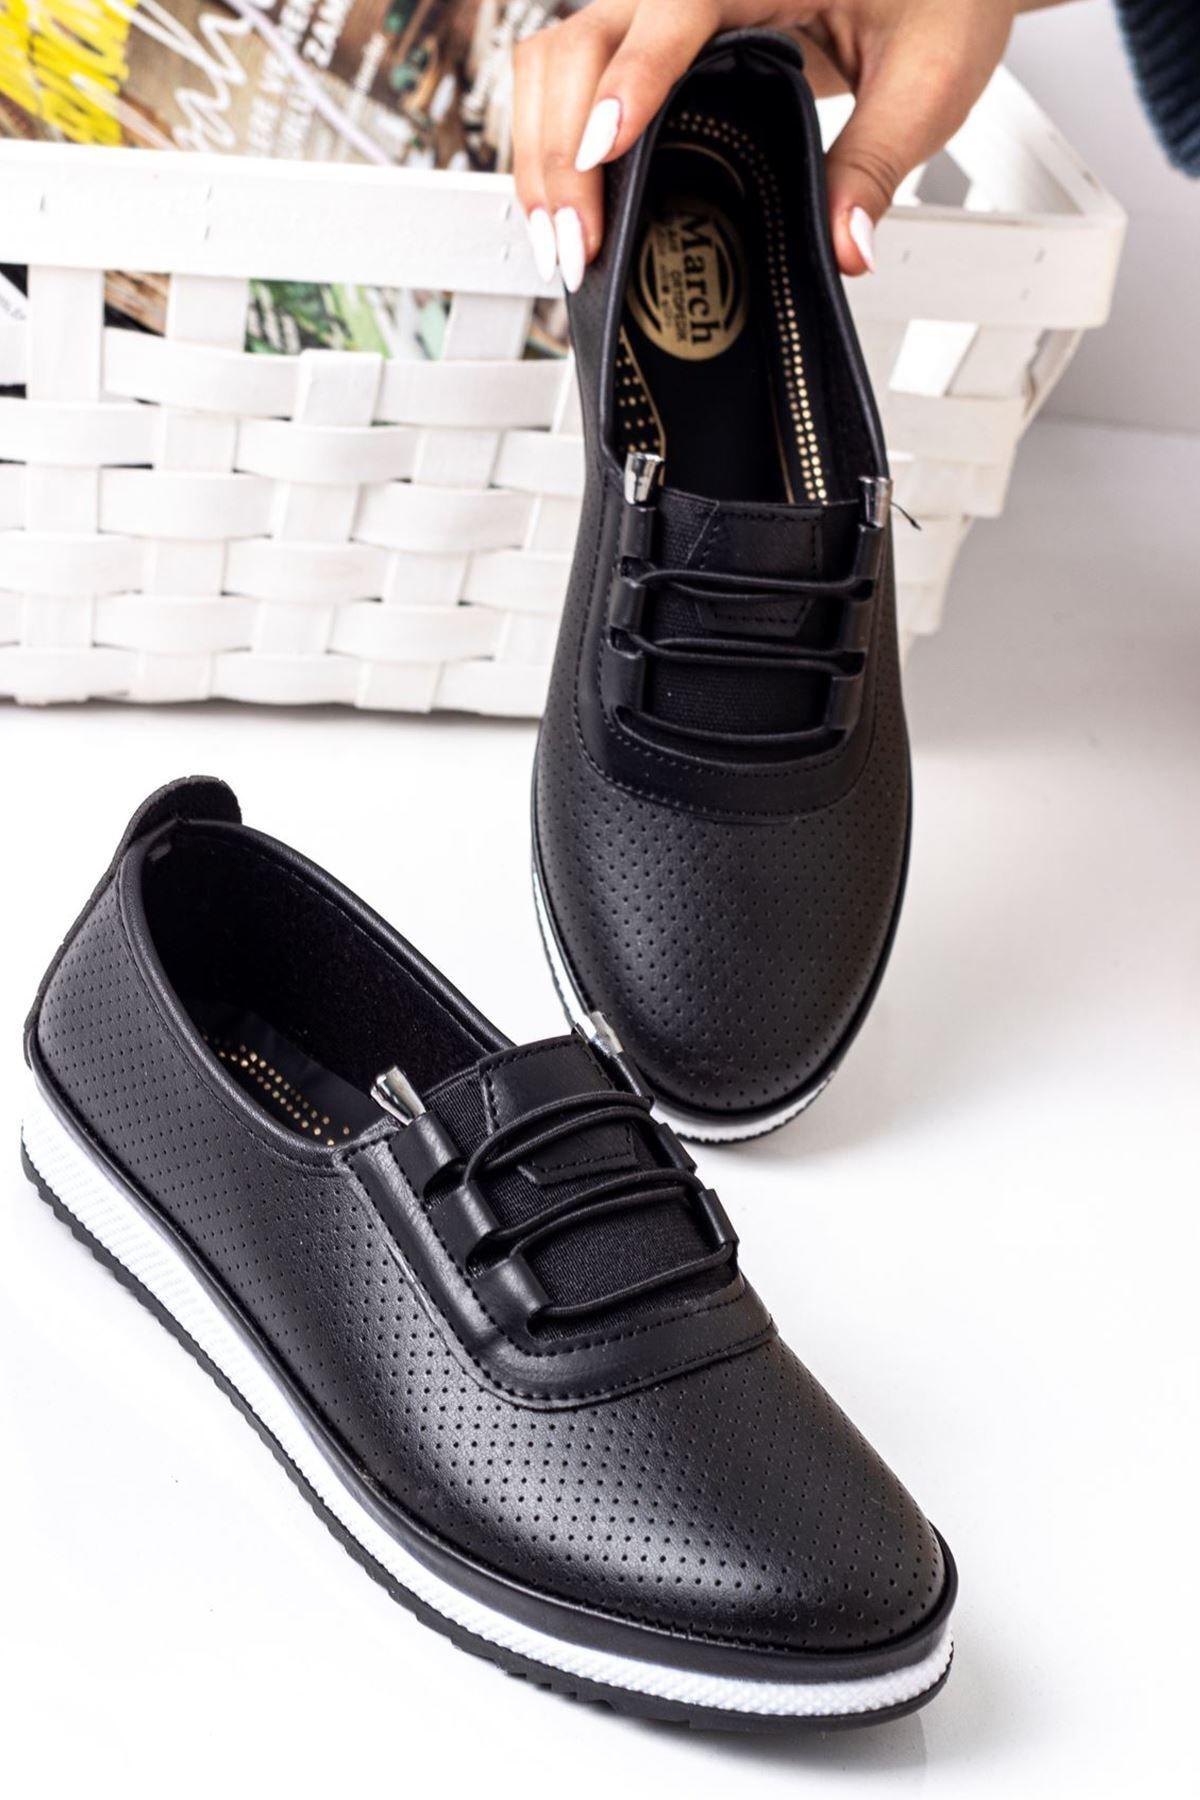 Kadın Ortopedik Rahat Babet Spor Ayakkabı-siyah